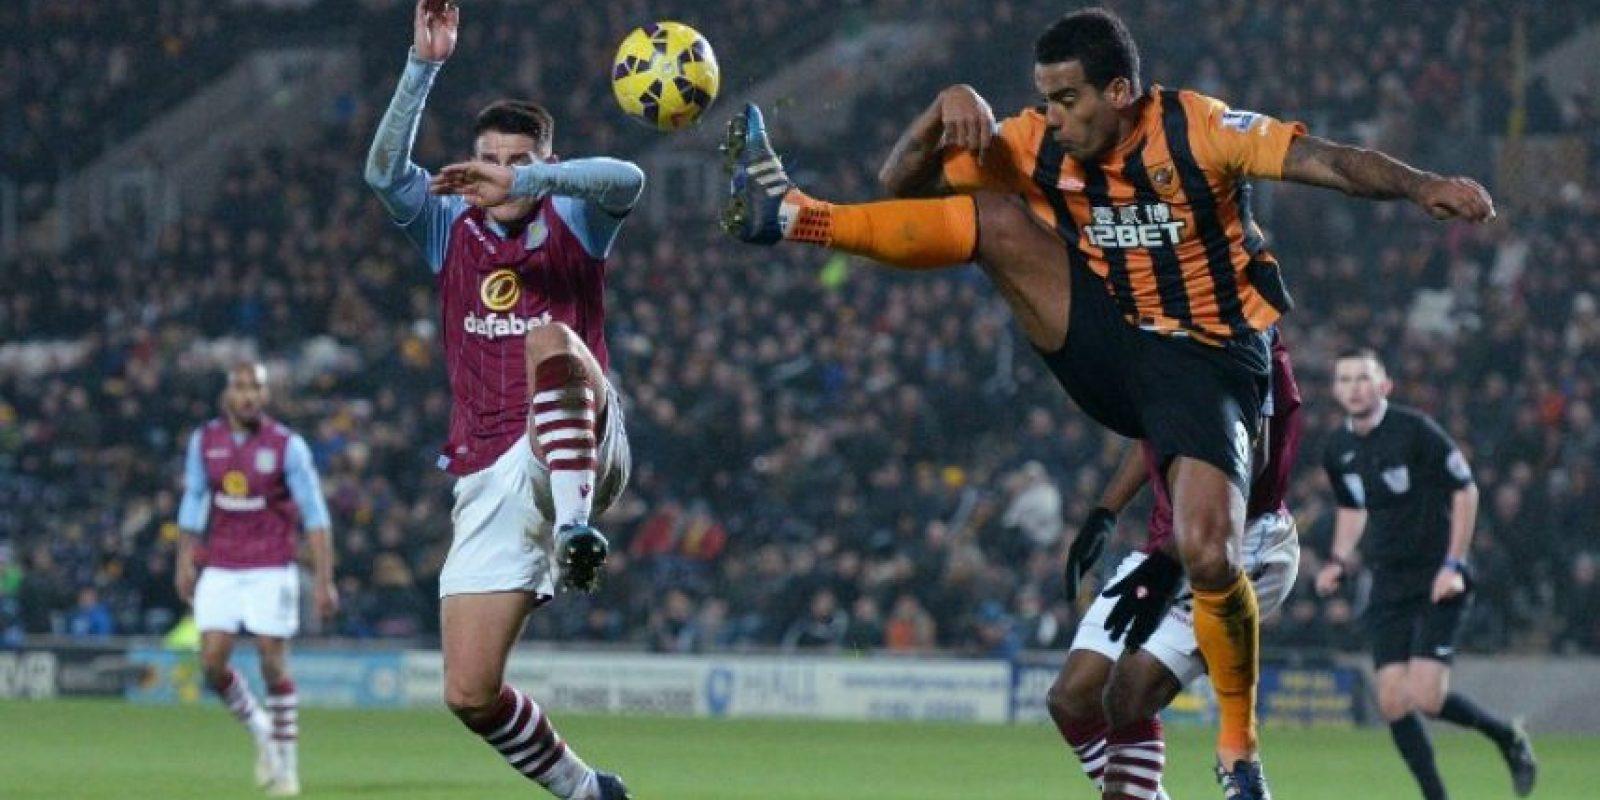 La jornada de la Premier vio los triunfos del Liverpol, el Arsenal, el Queens Park Rangers y el Hull. Foto:AFP